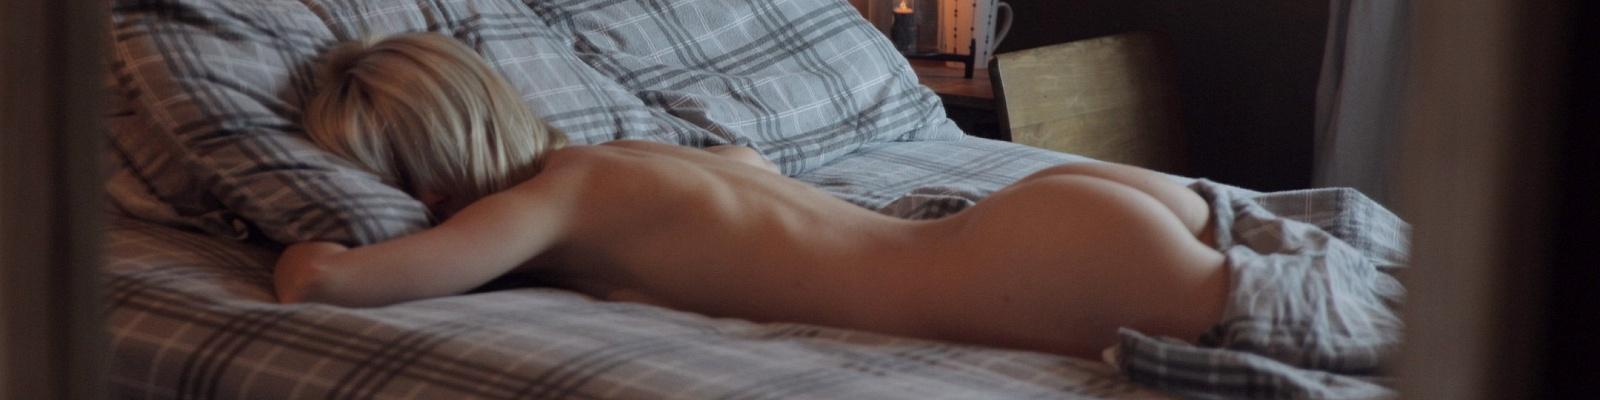 Chloe Quinn's Cover Photo